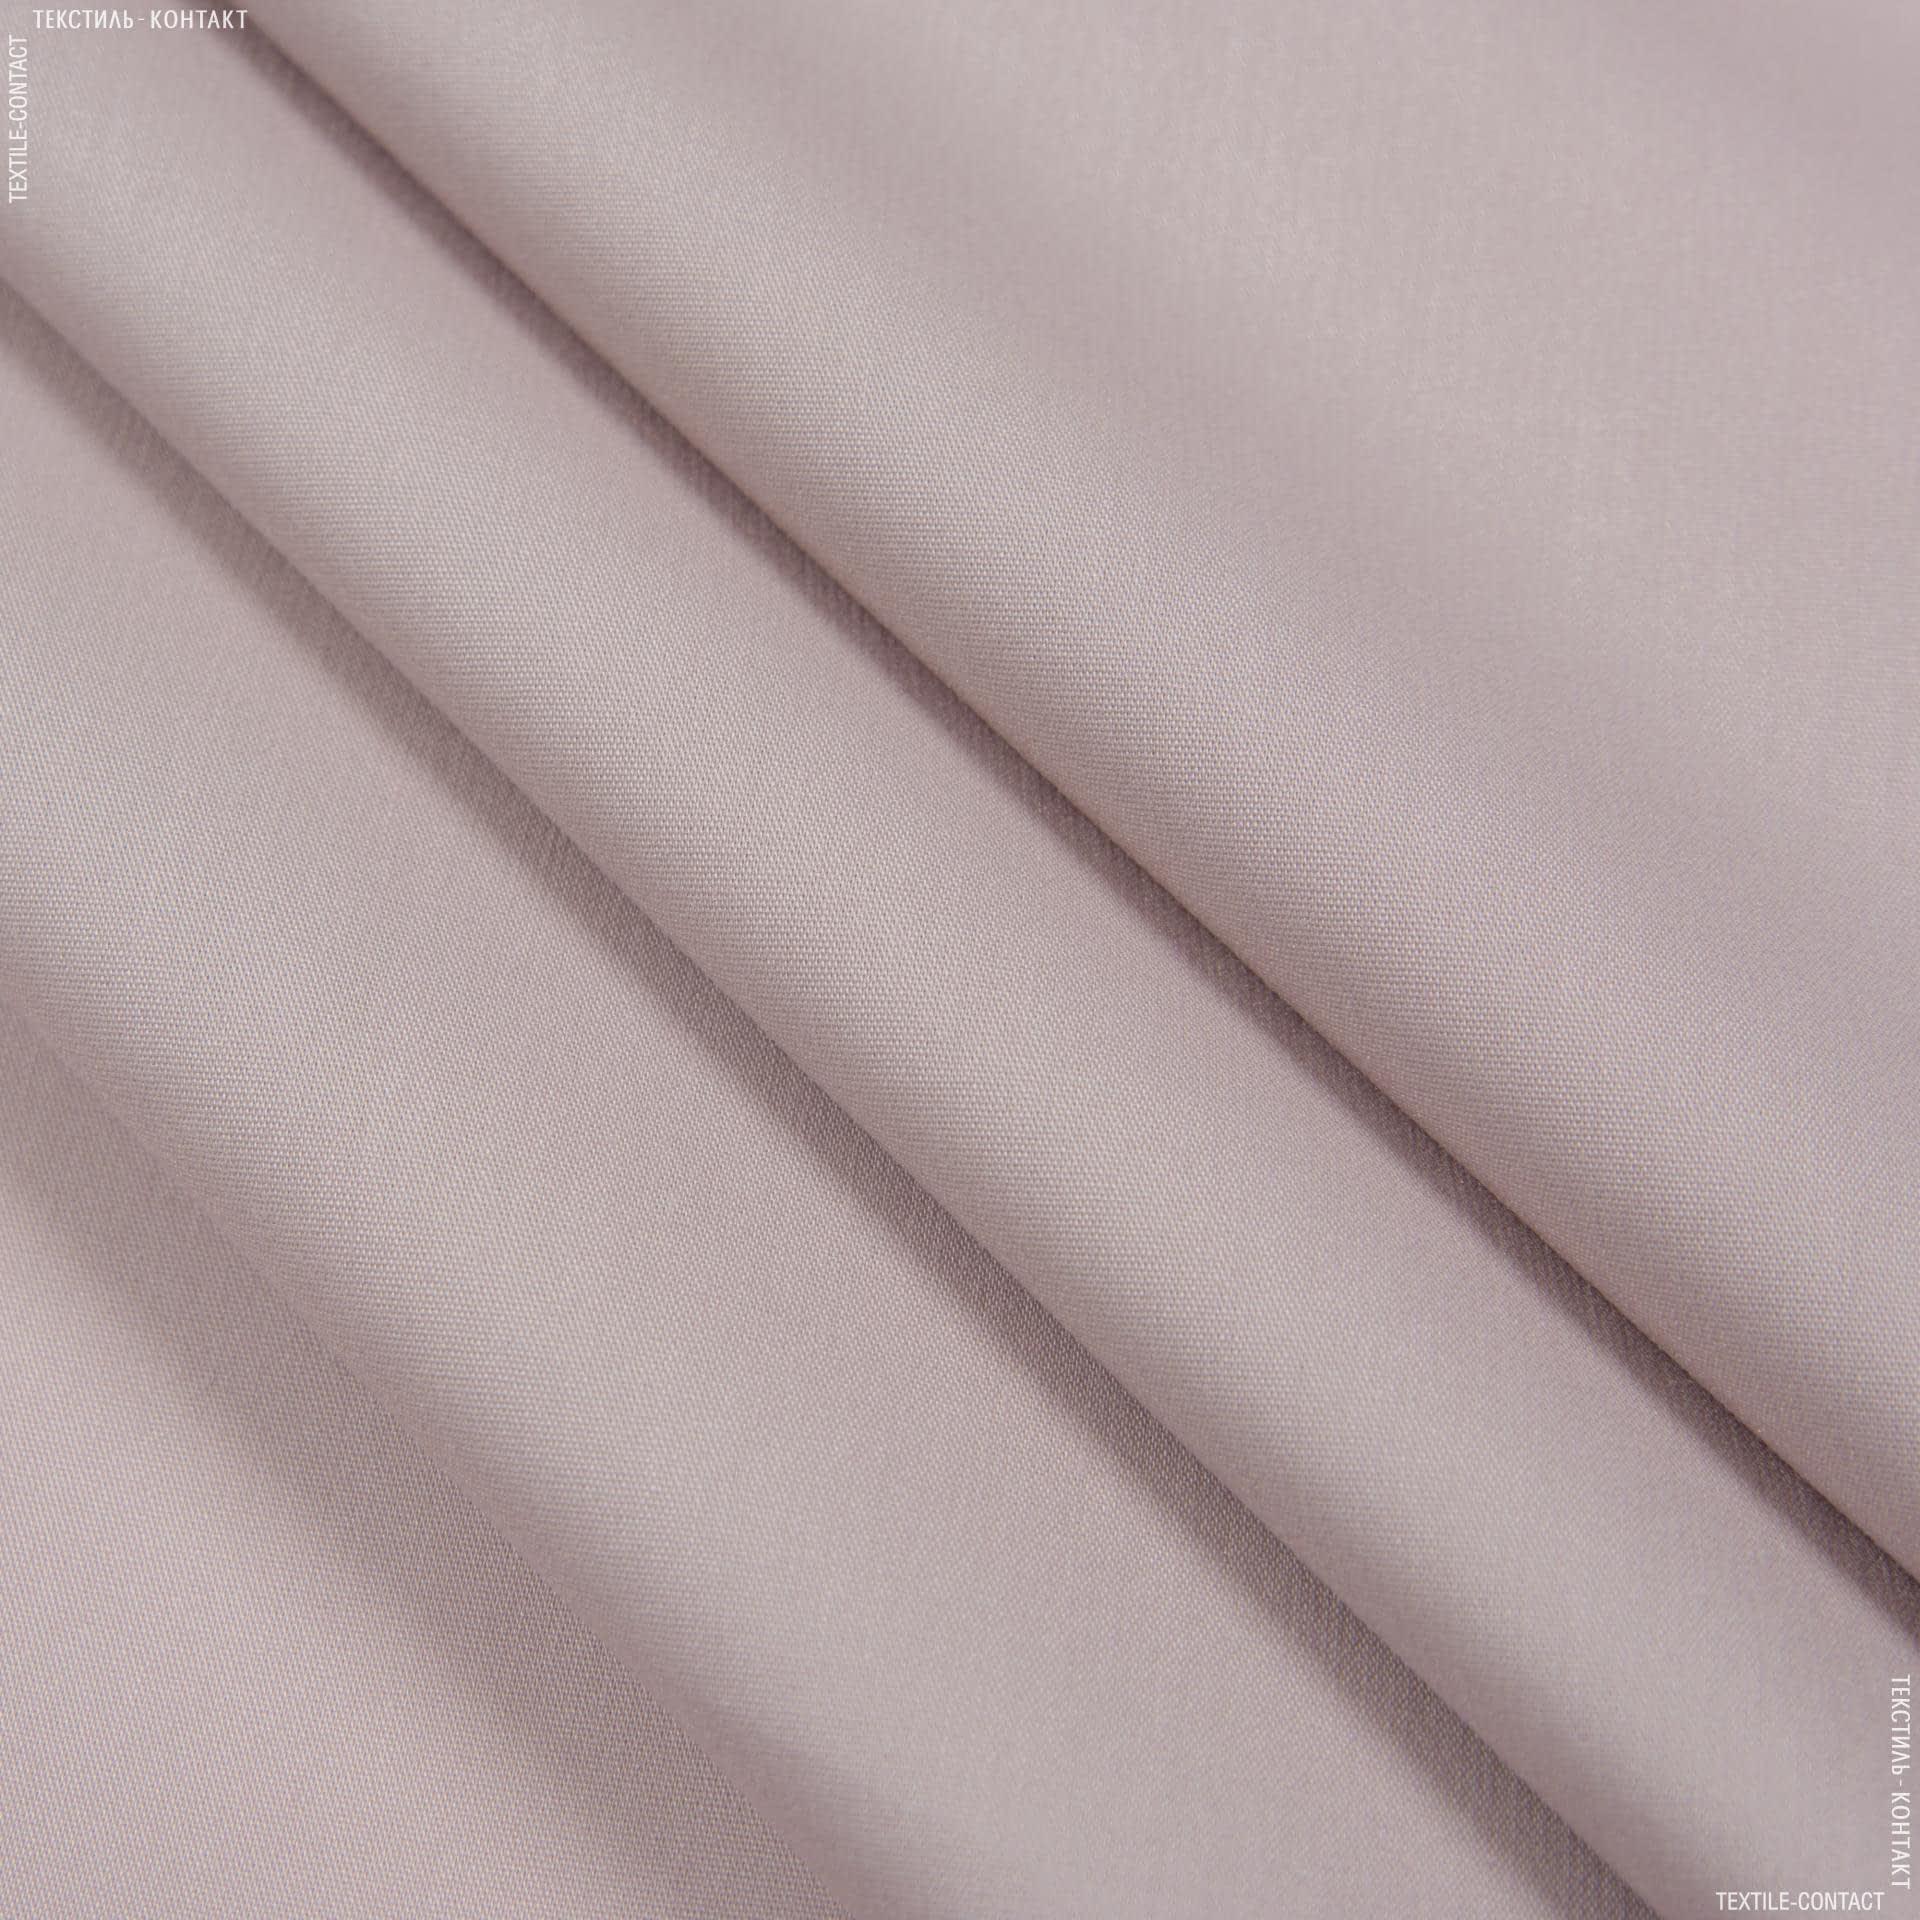 Ткани для платьев - Поплин нейлон стрейч темно-бежевый